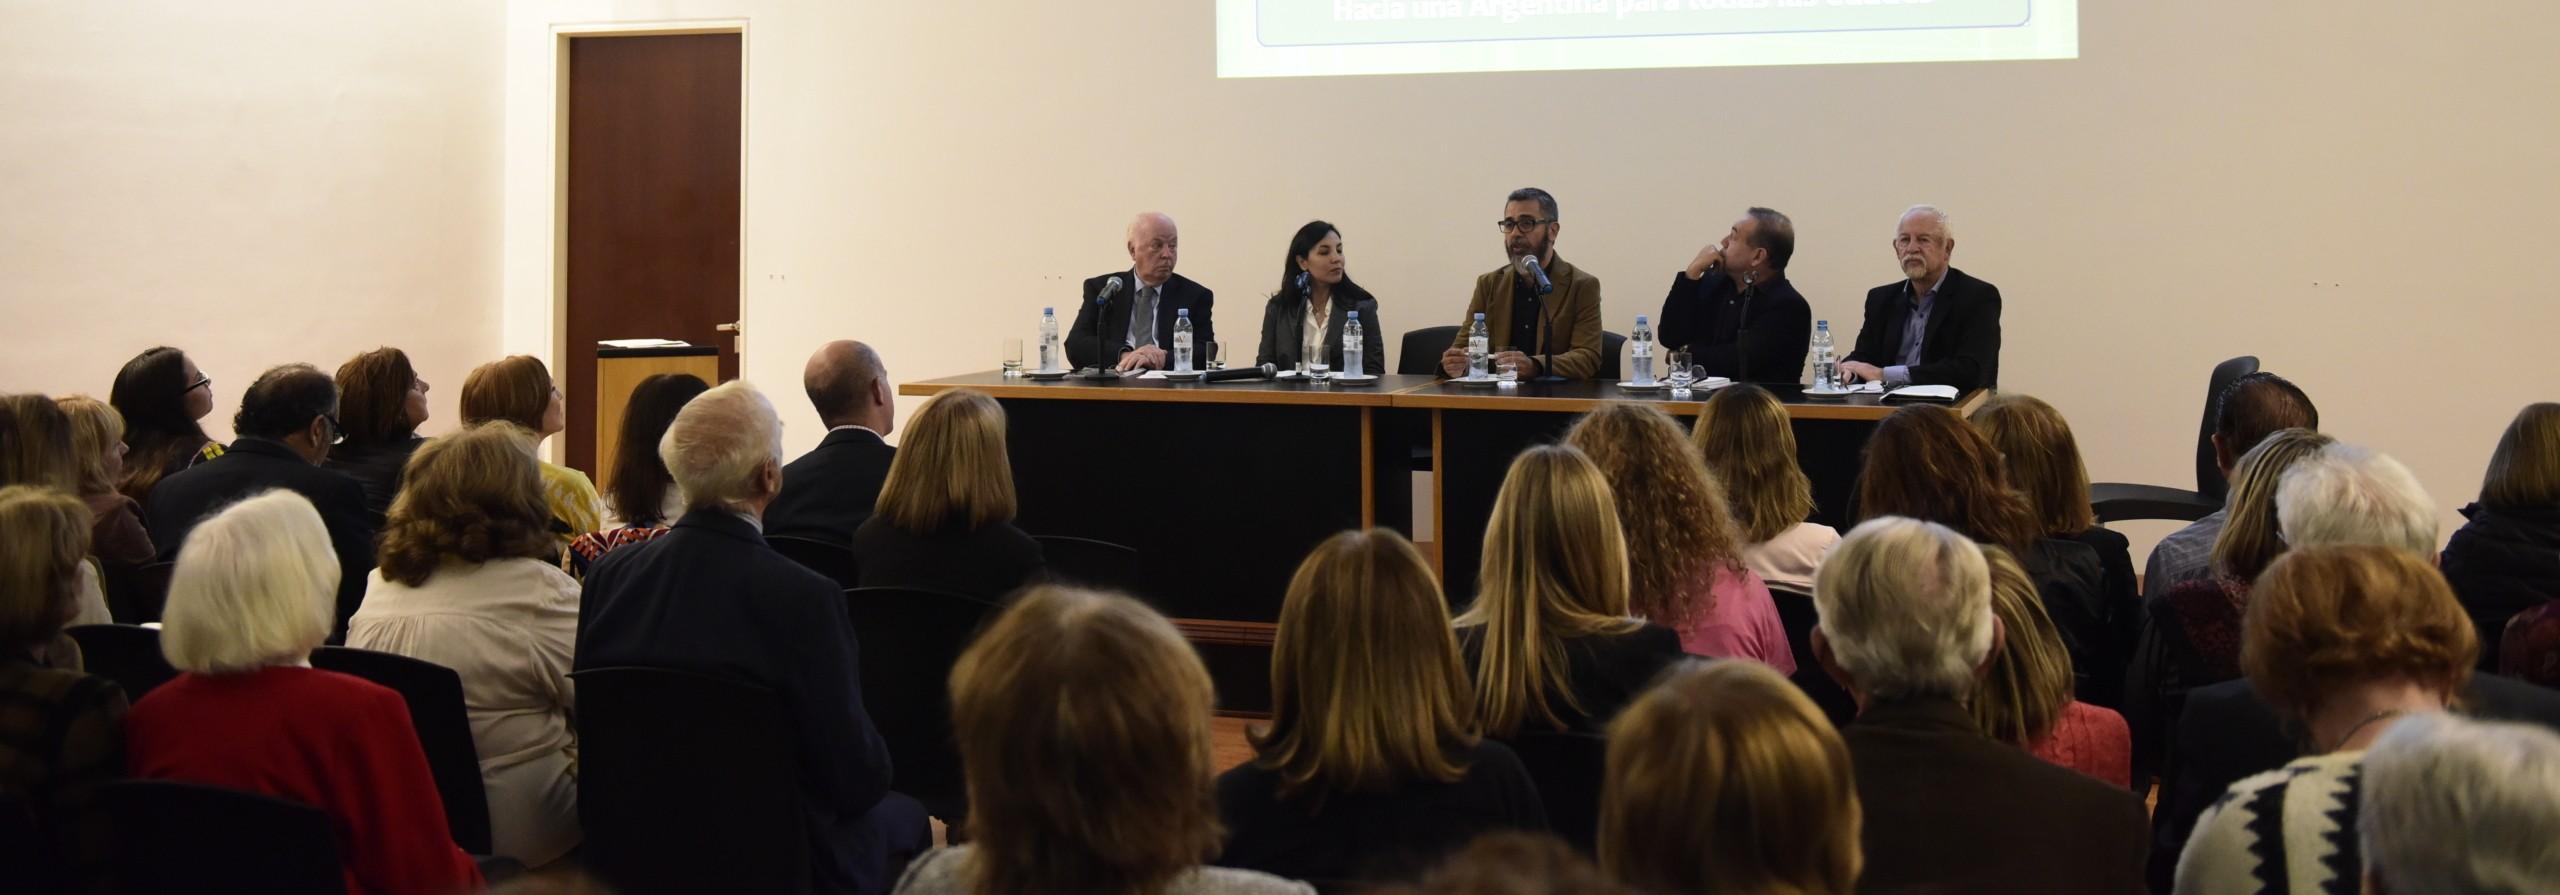 Presentación Barómetro - Recursos de la Fundación Navarro Viola